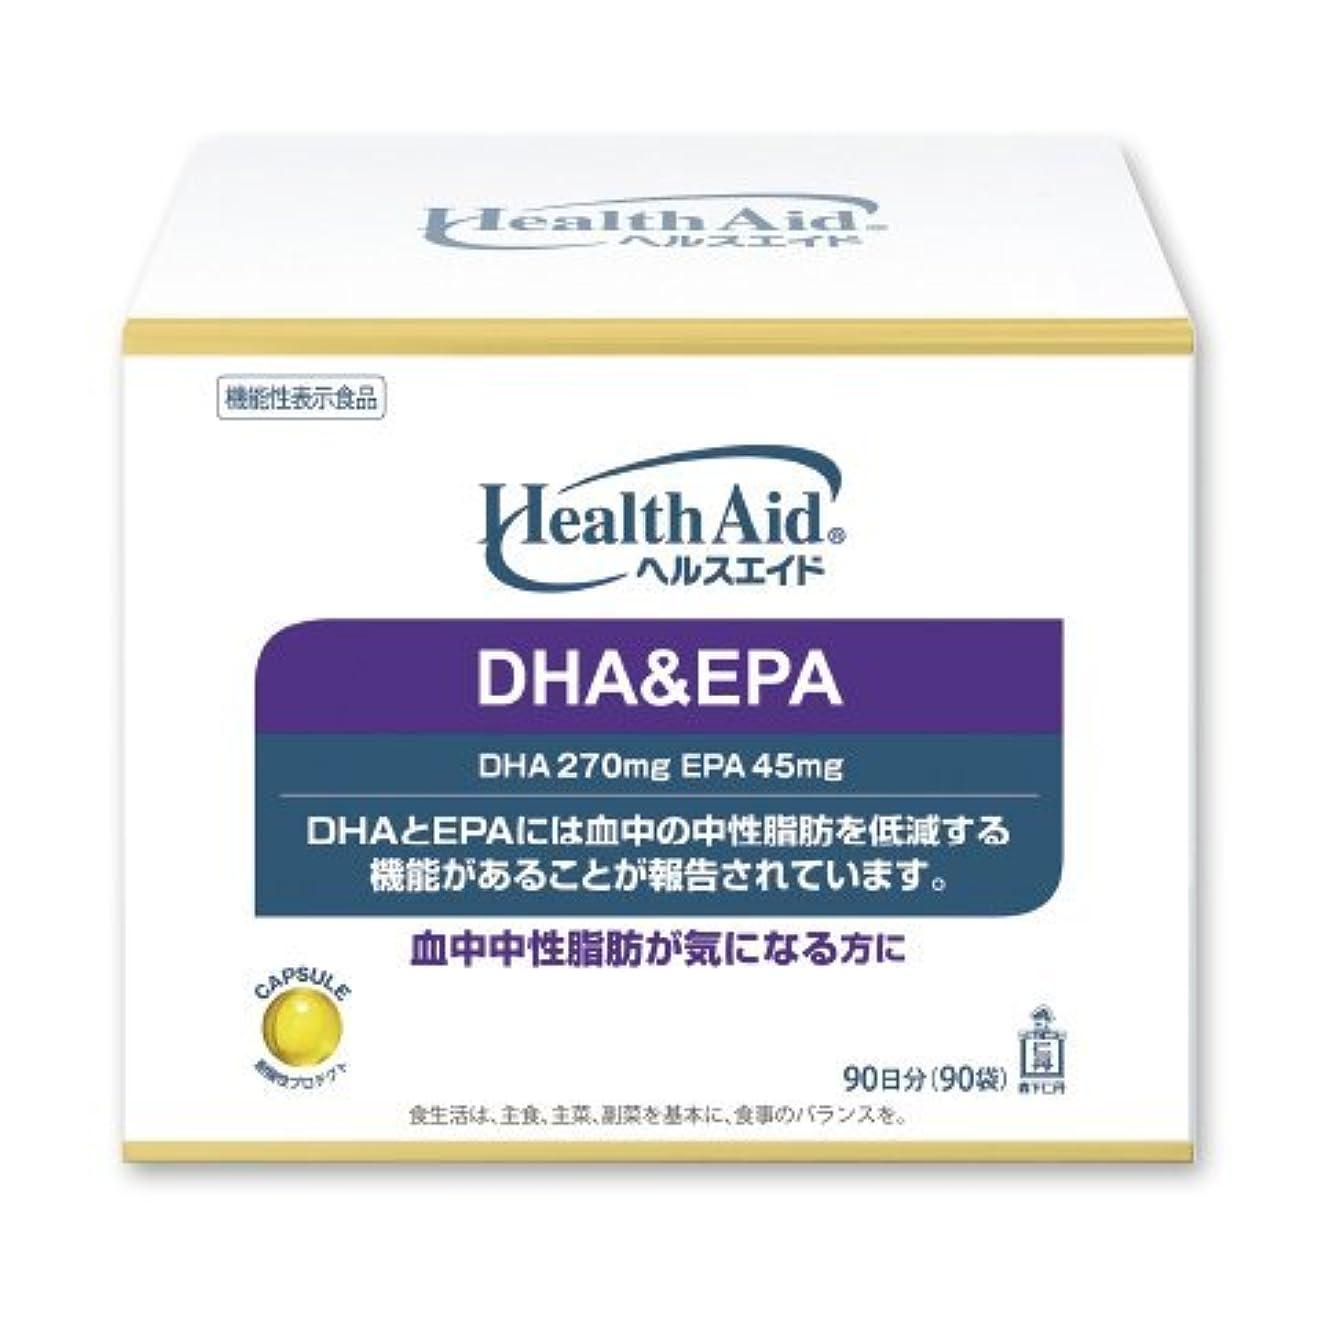 再生可能ピアース放送ヘルスエイド DHA&EPA 90日分 [機能性表示食品]